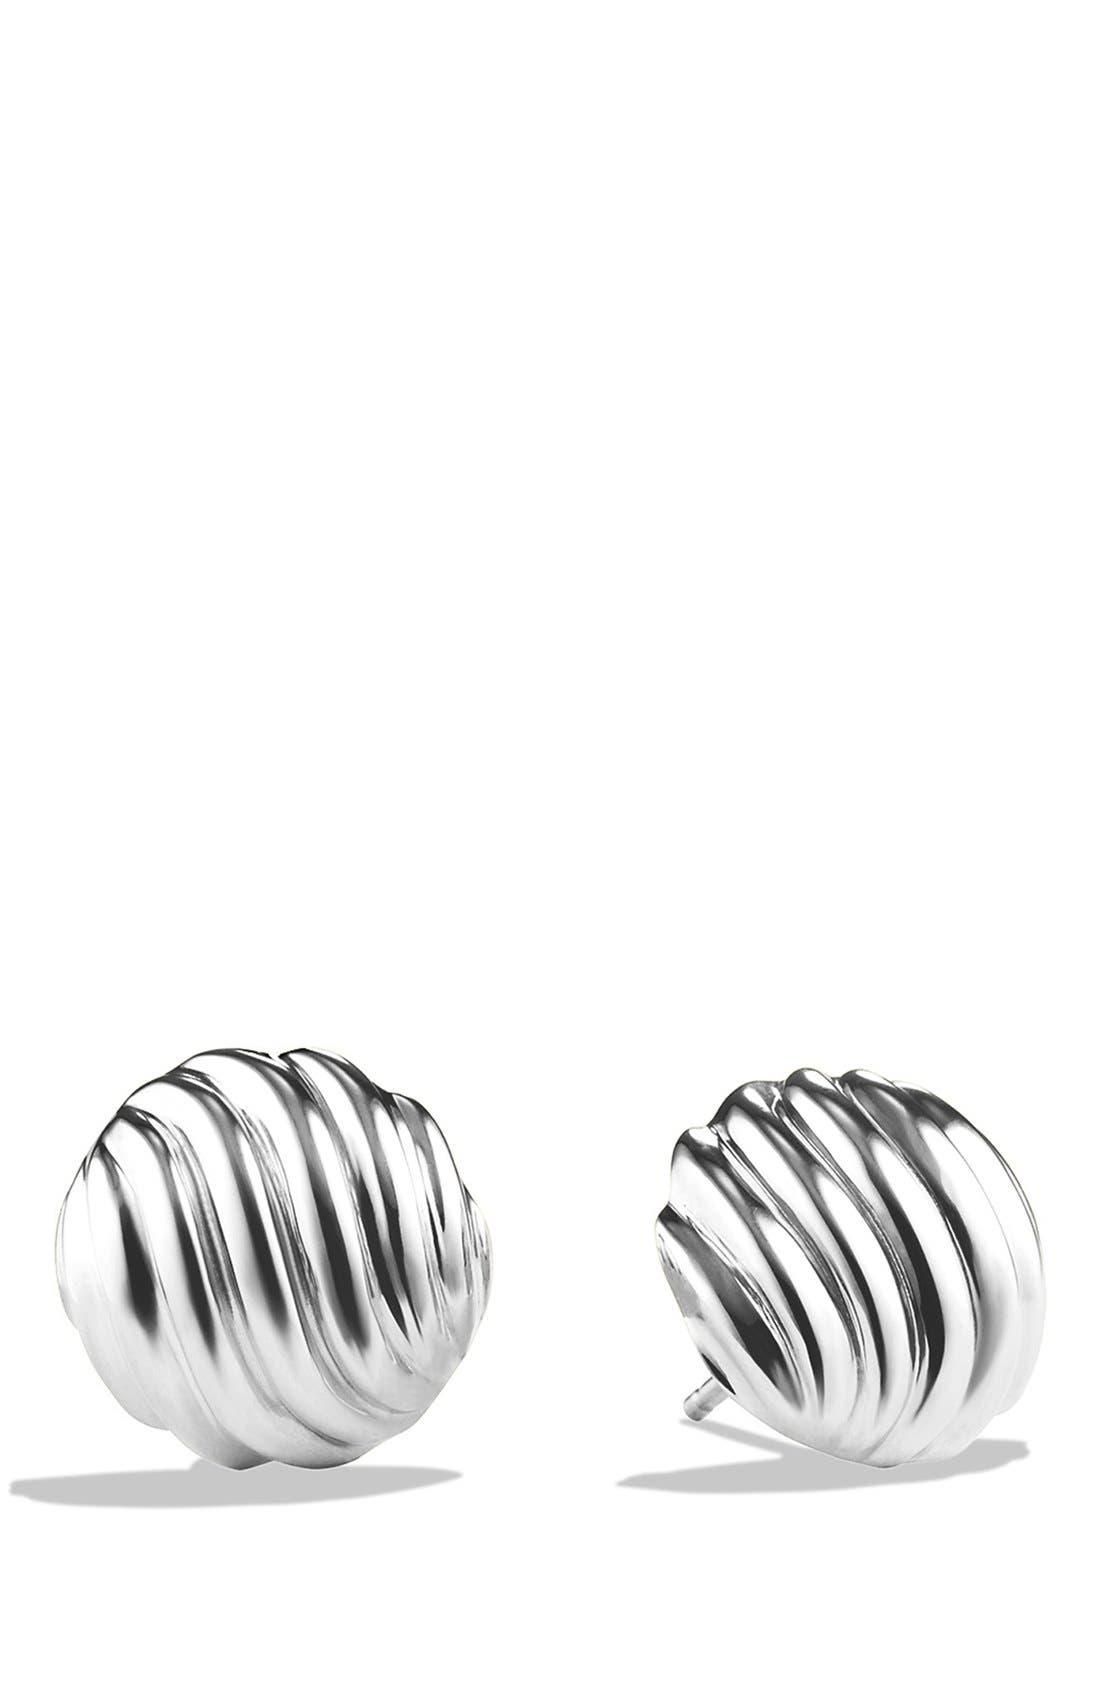 Main Image - David Yurman 'Sculpted Cable' Earrings